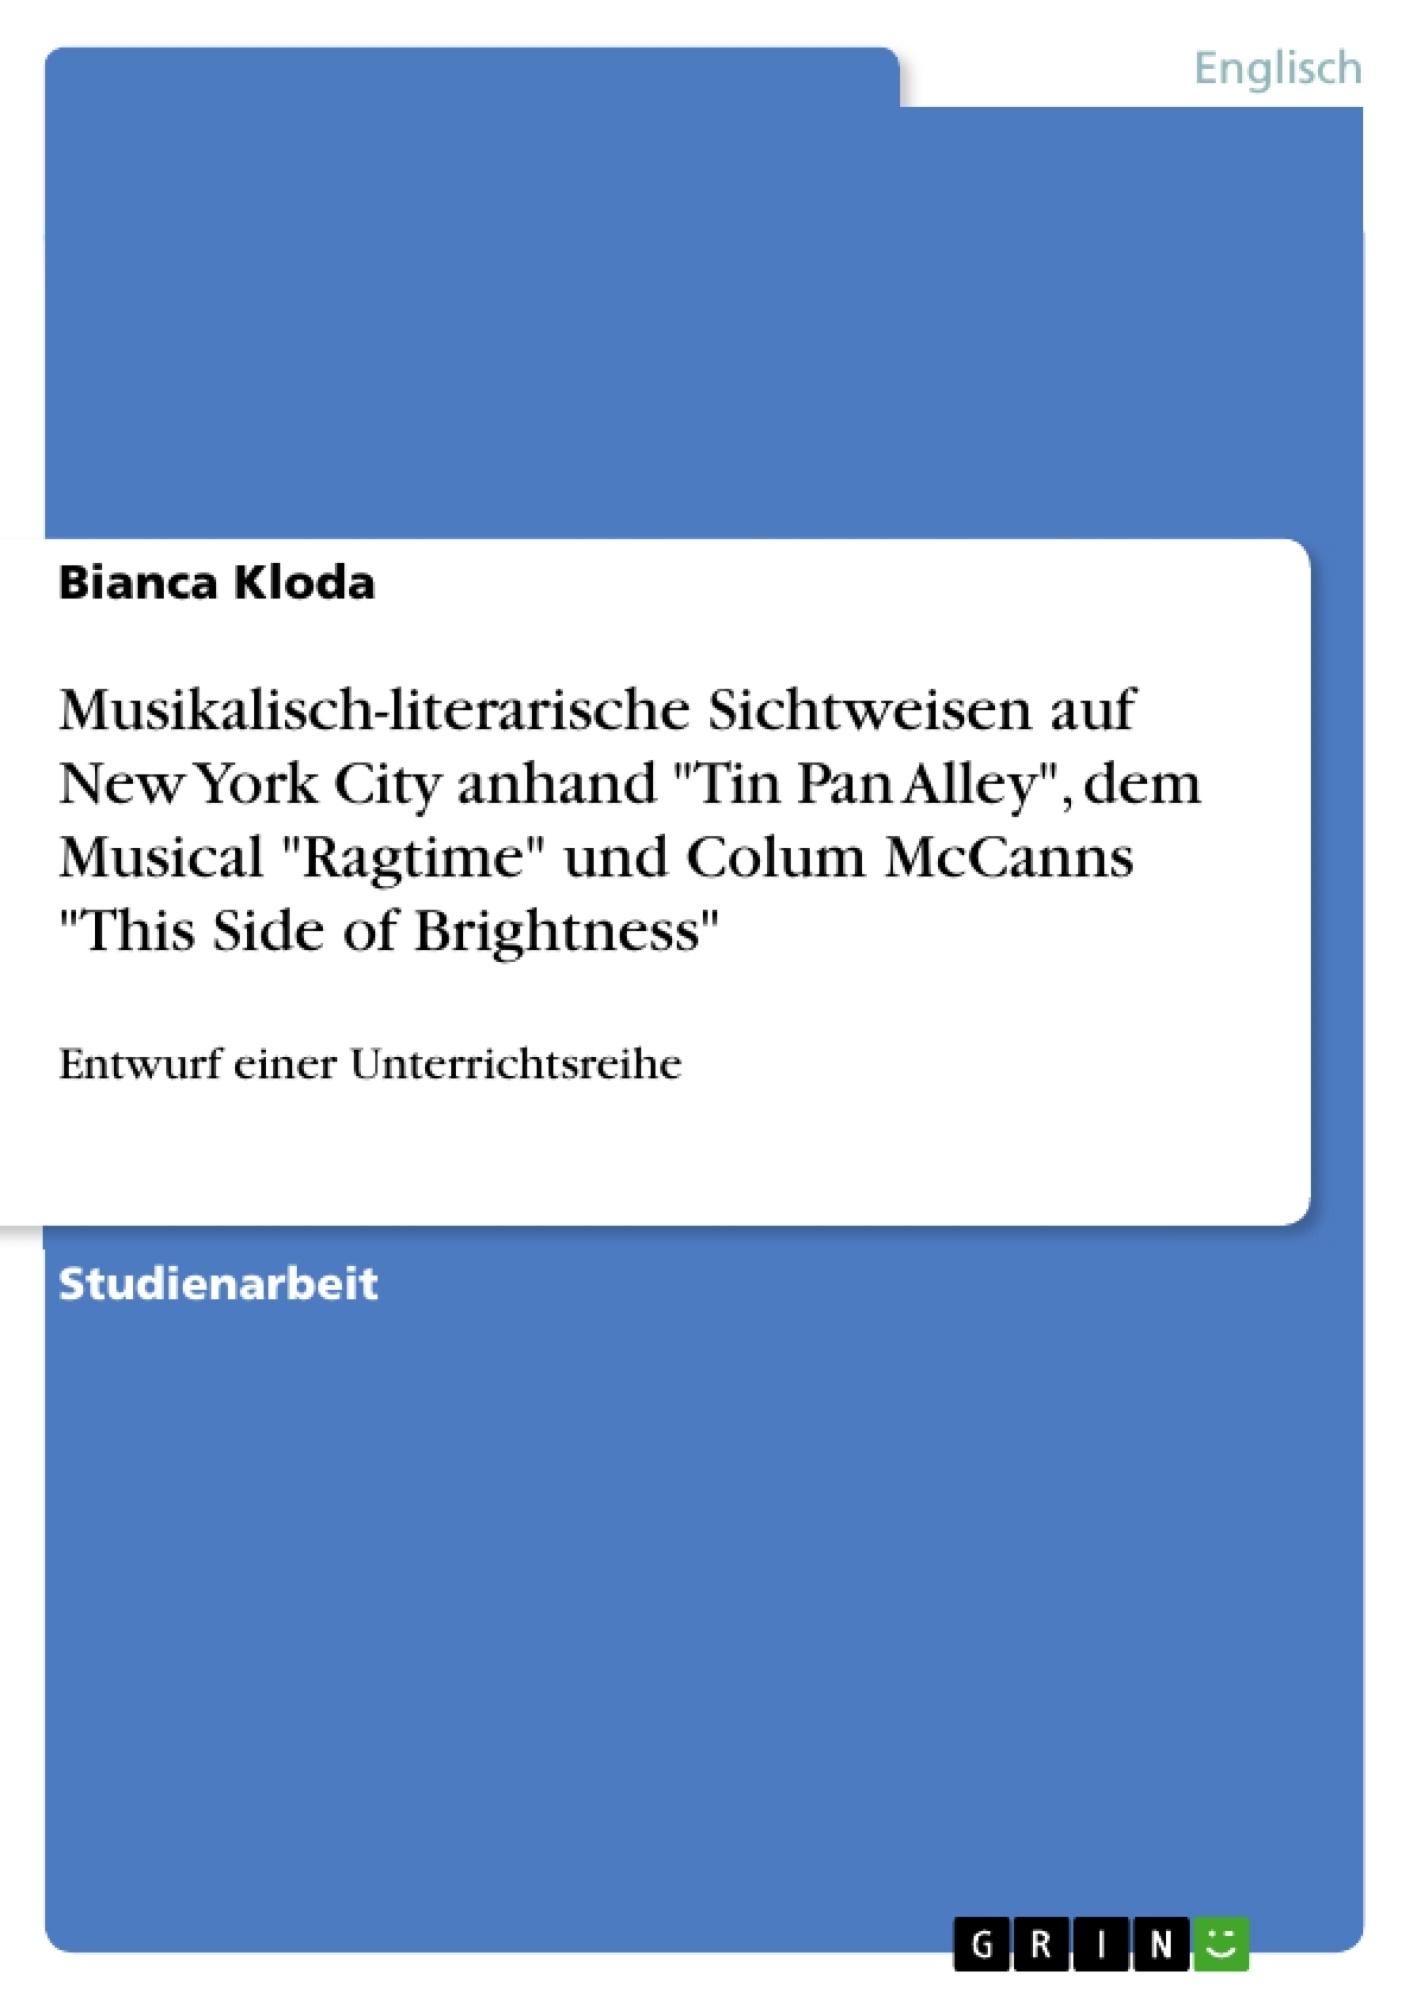 """Titel: Musikalisch-literarische Sichtweisen auf New York City anhand """"Tin Pan Alley"""", dem Musical """"Ragtime"""" und Colum McCanns """"This Side of Brightness"""""""